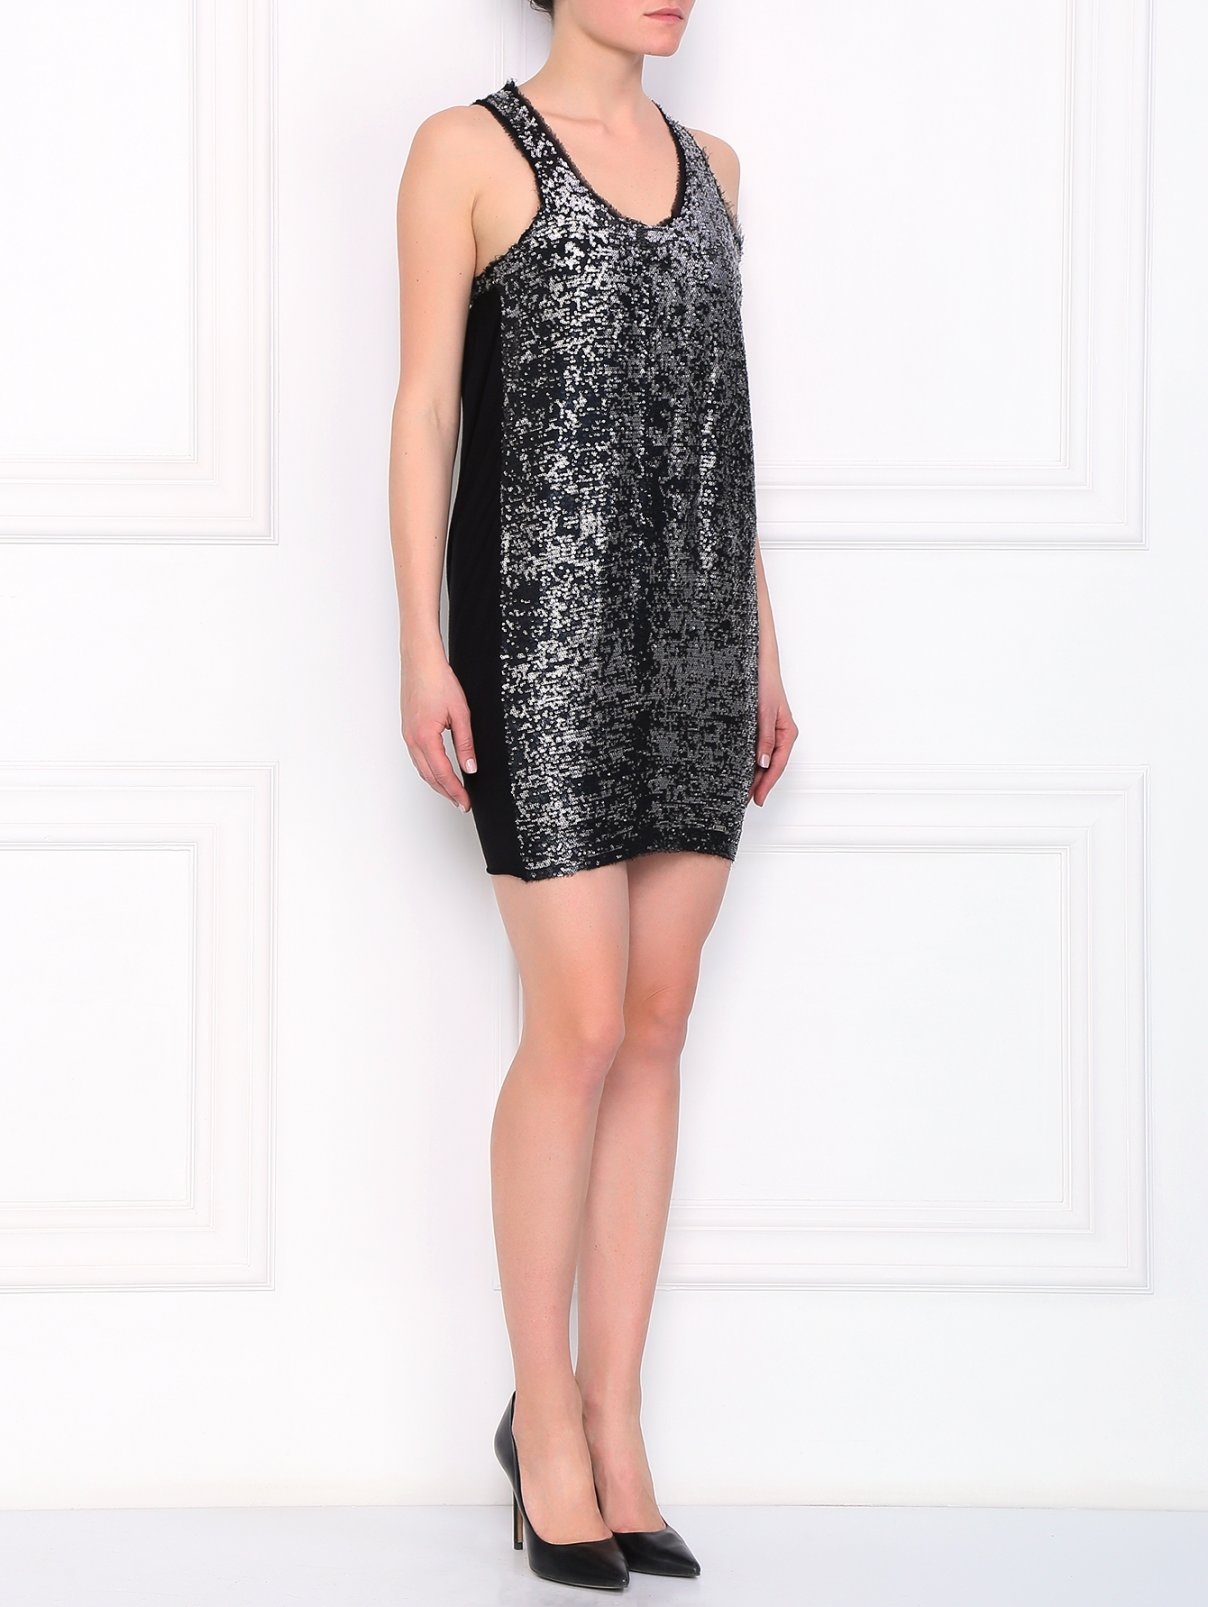 Платье декорированное пайетками с вырезом на спине Guess by Marciano  –  Модель Общий вид